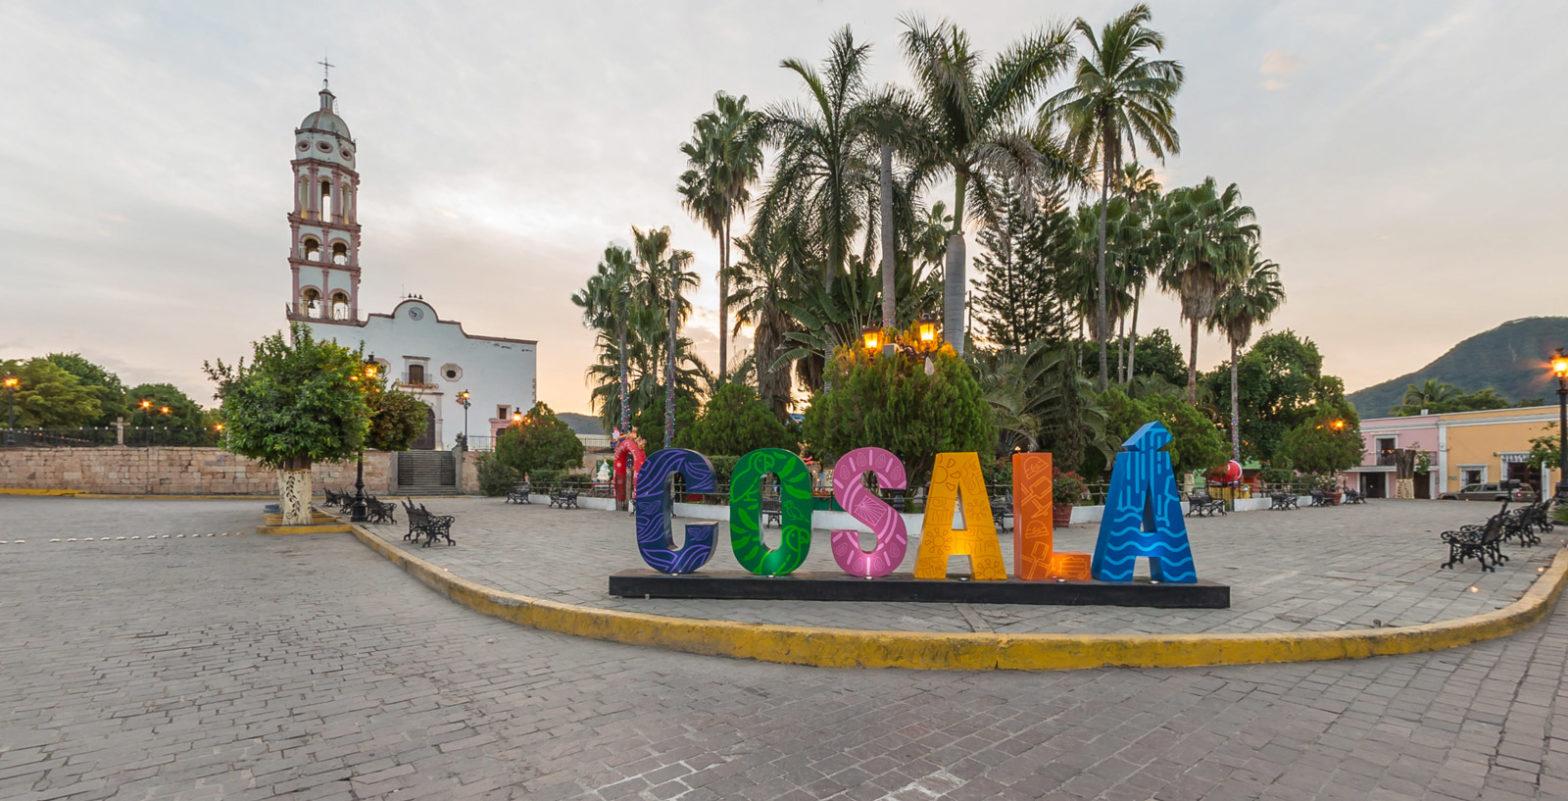 Plazuela Cosalá